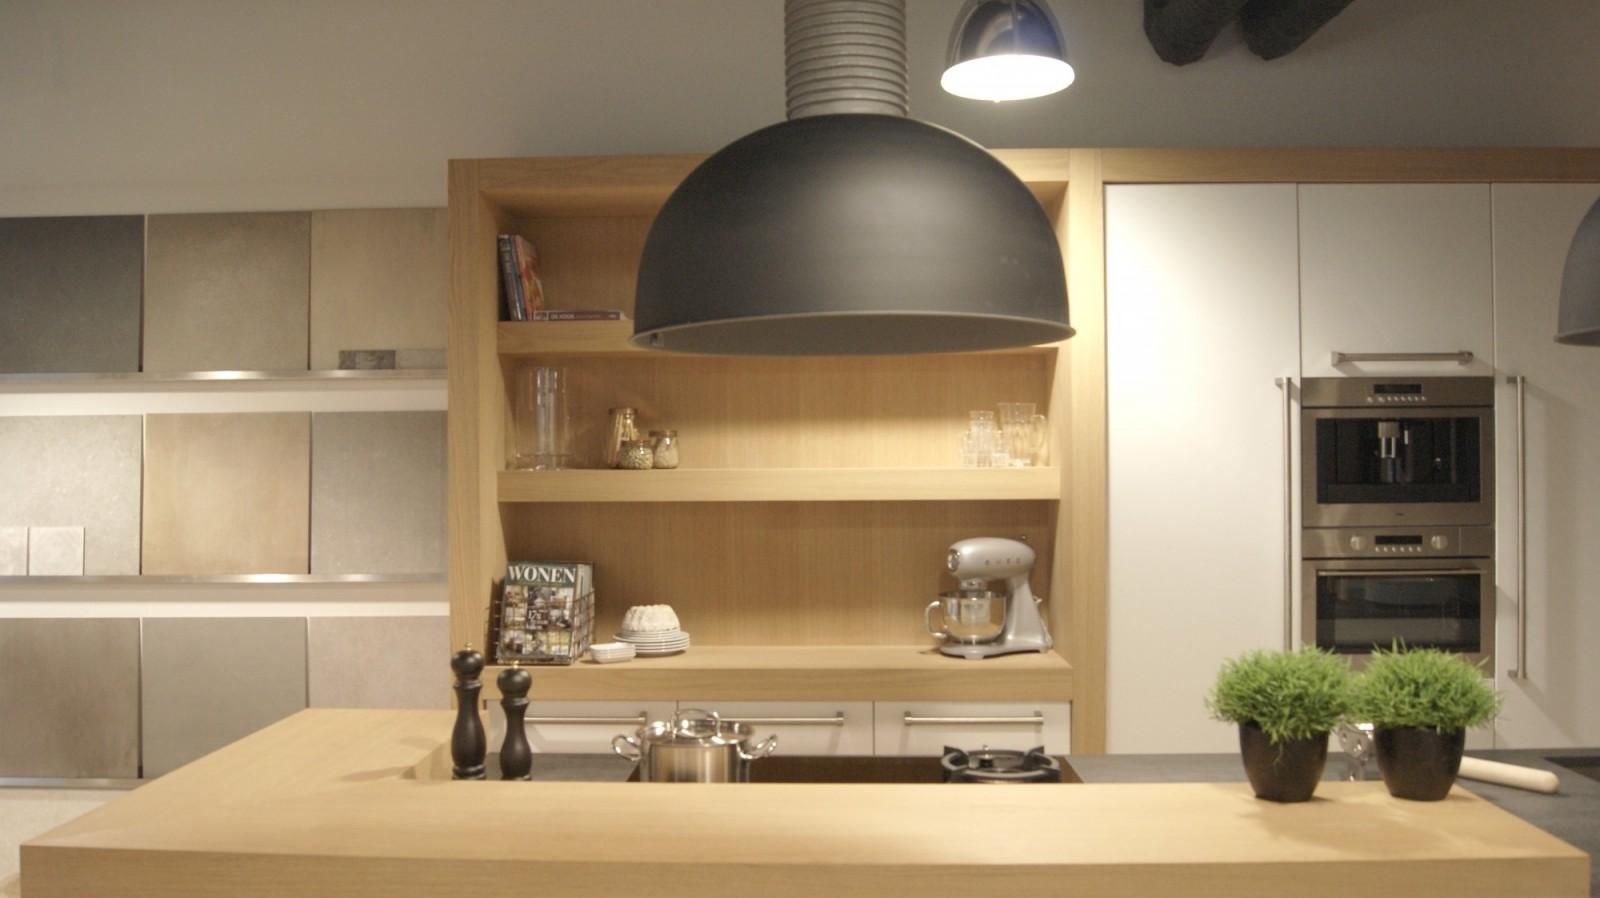 Kastenwand Keuken Showroom: Keukens voor zeer lage keuken prijzen ...